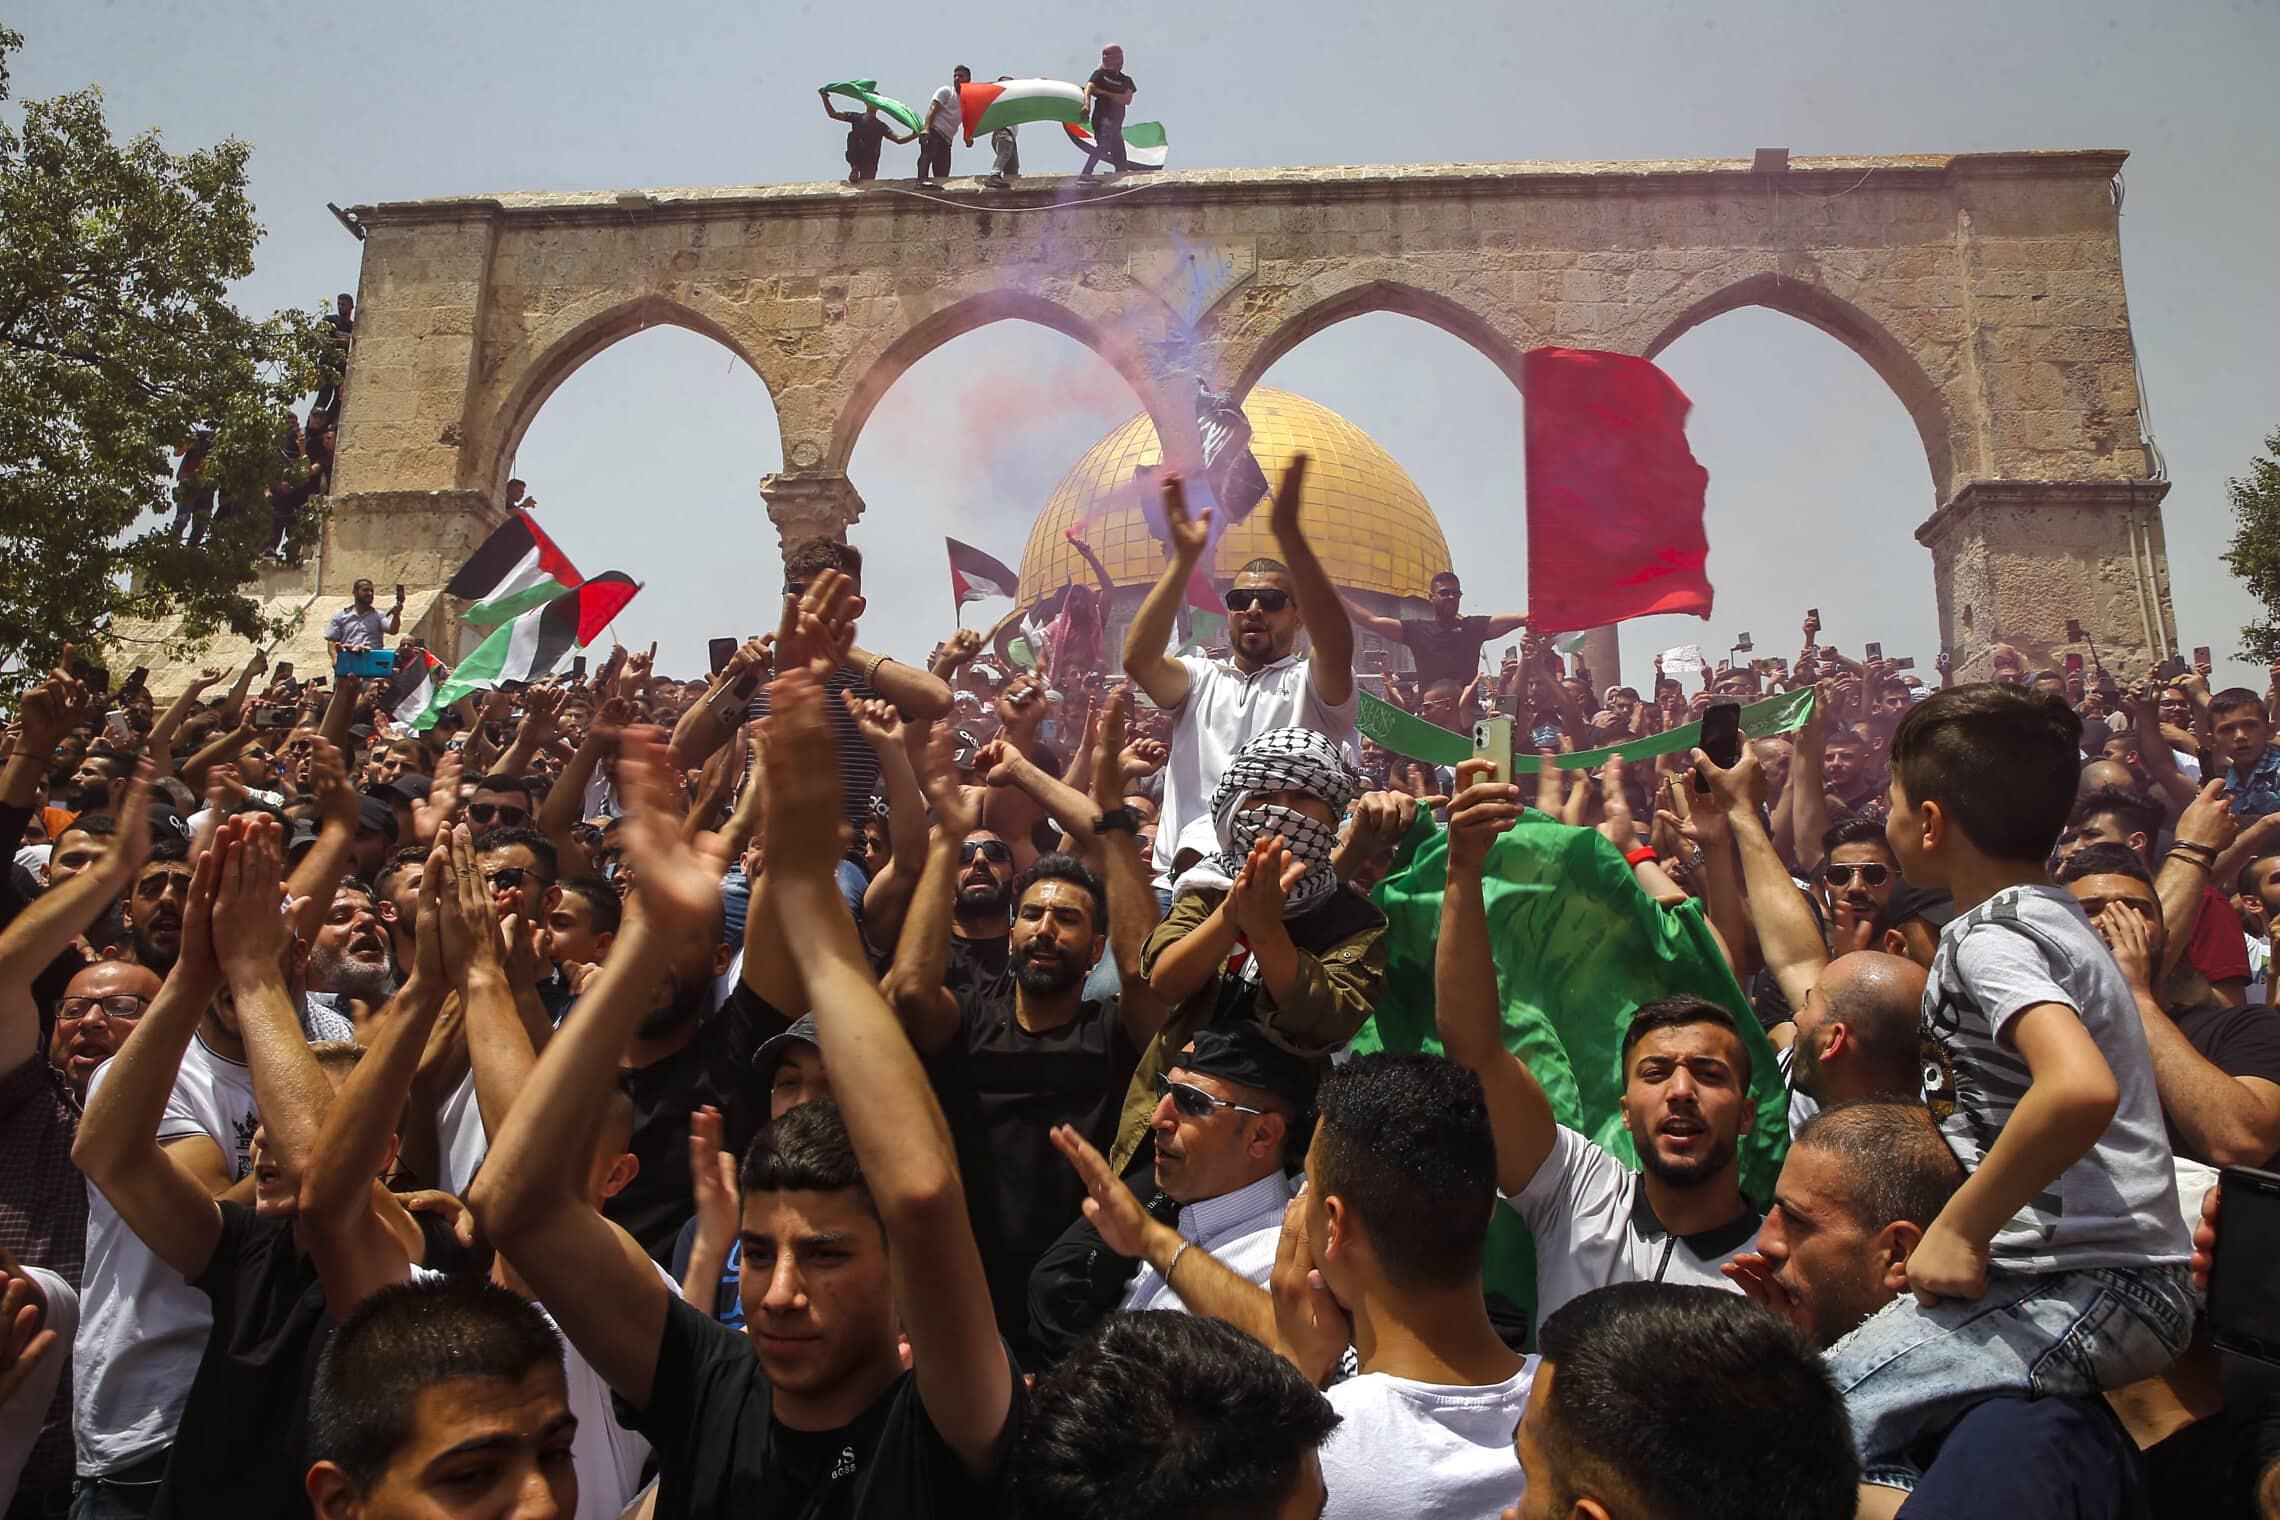 מתפללים פלסטינים חוגגים באל אקצא ביום שישי, 21 במאי 2021 (צילום: Jamal Awad/Flash90)